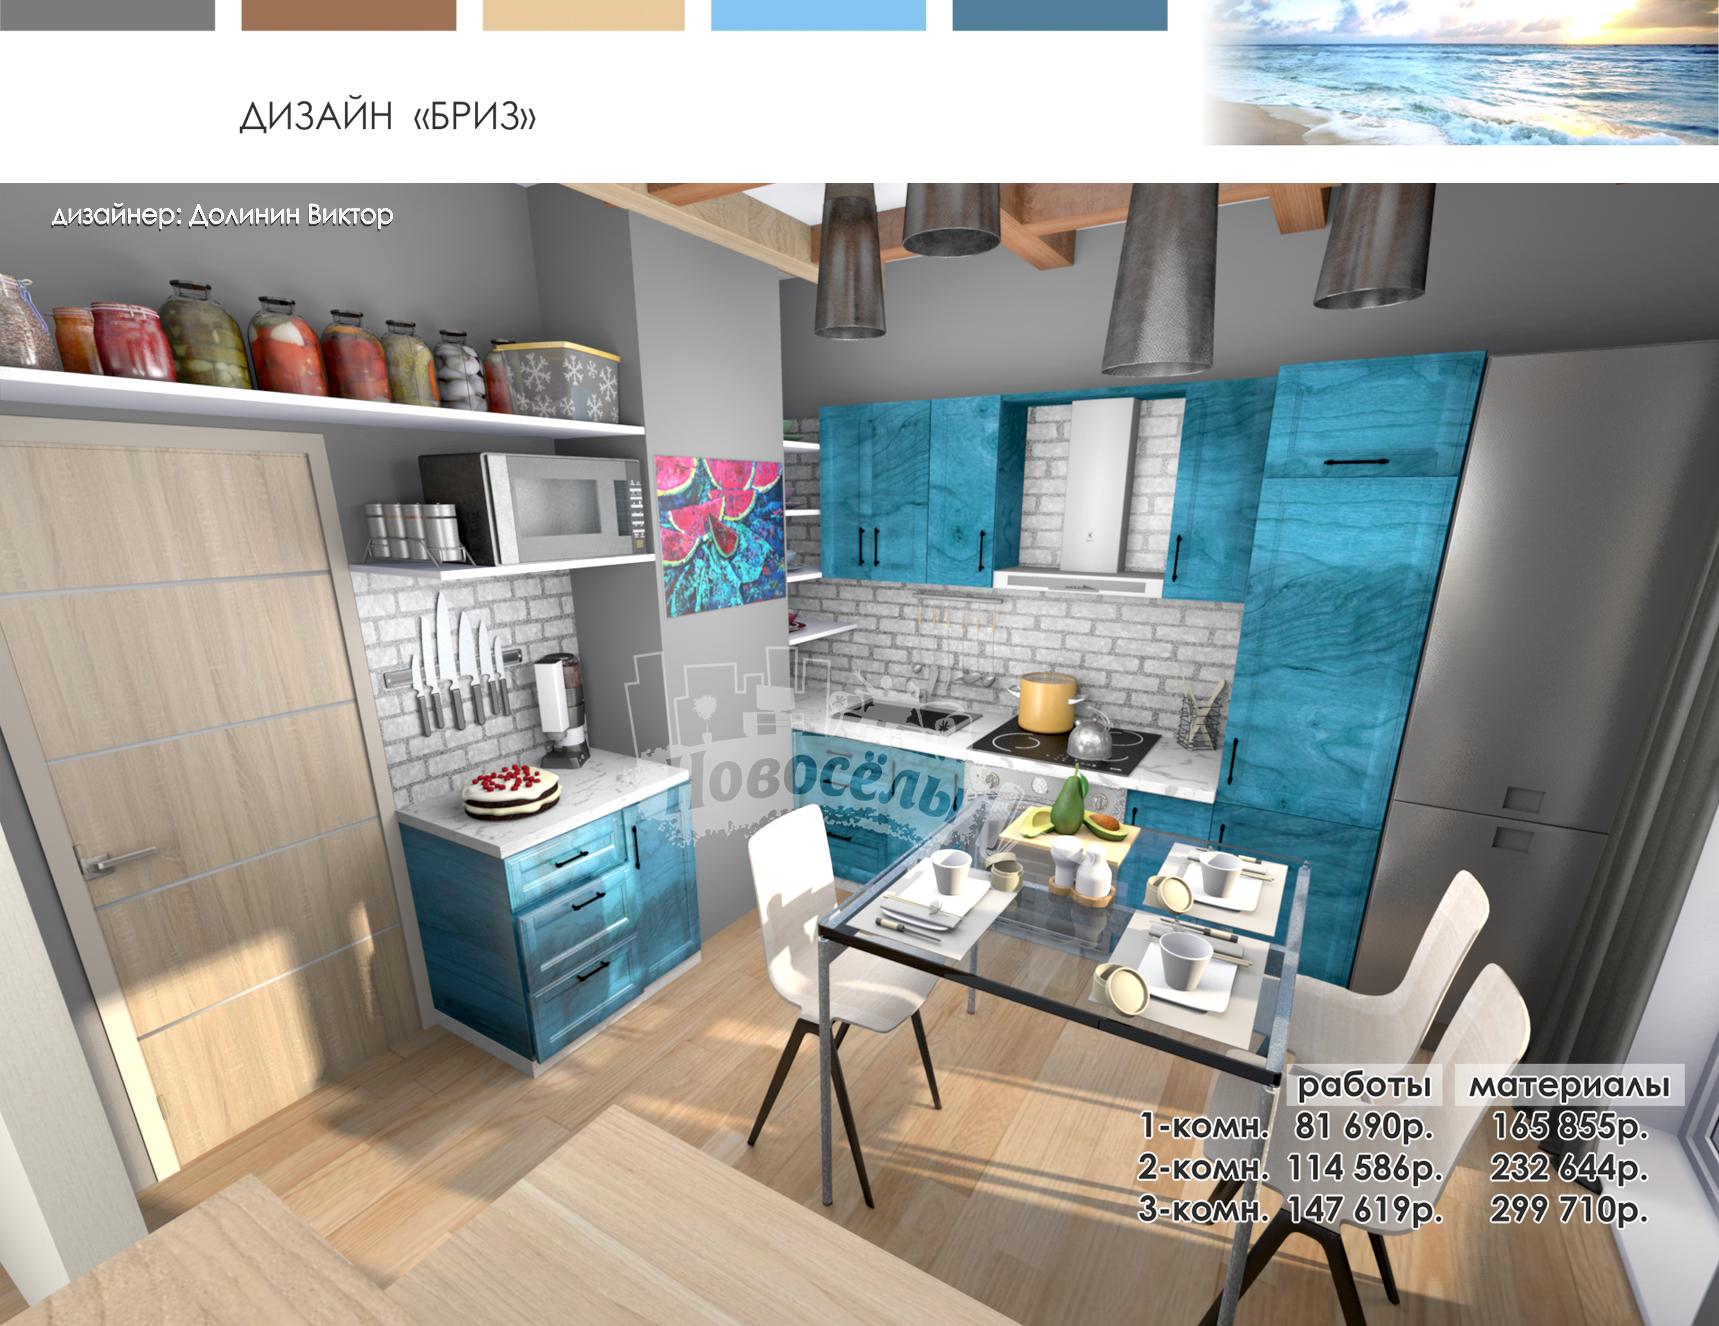 иизайн кухня_Бриз